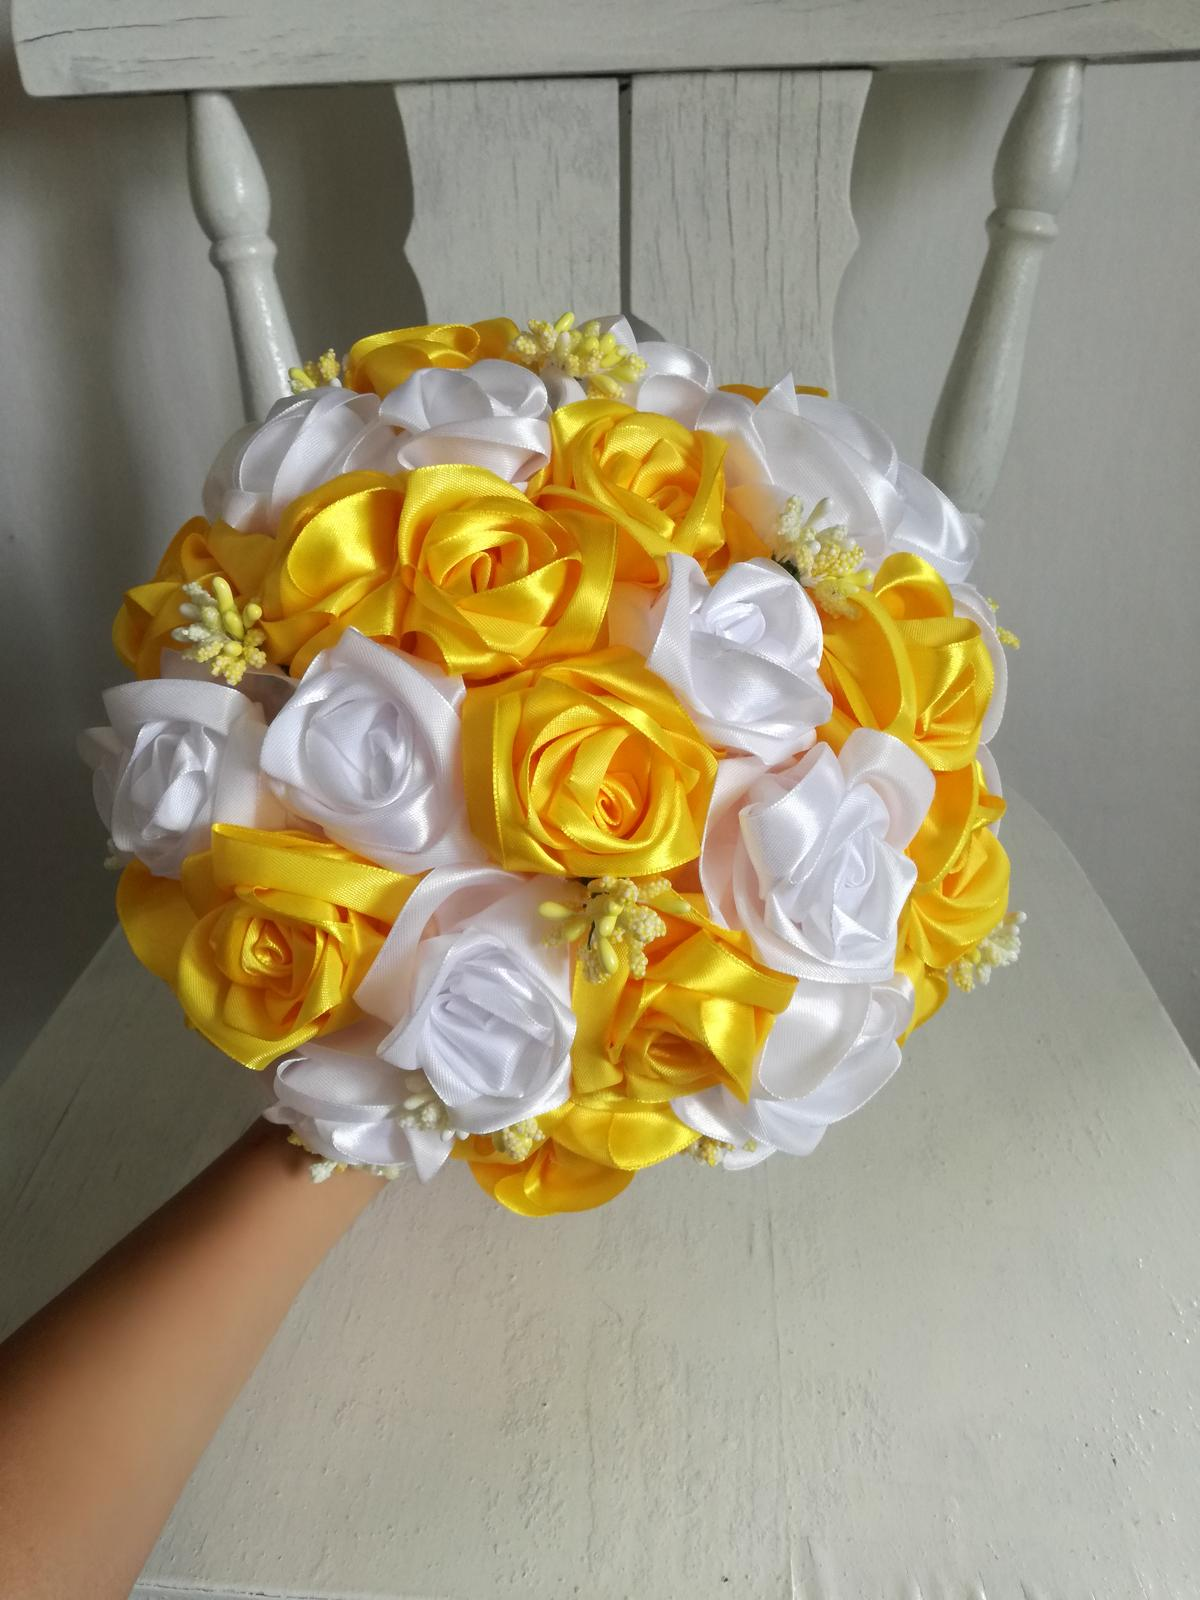 Saténové ruže-žlto biele,pošta v cene - Obrázok č. 1